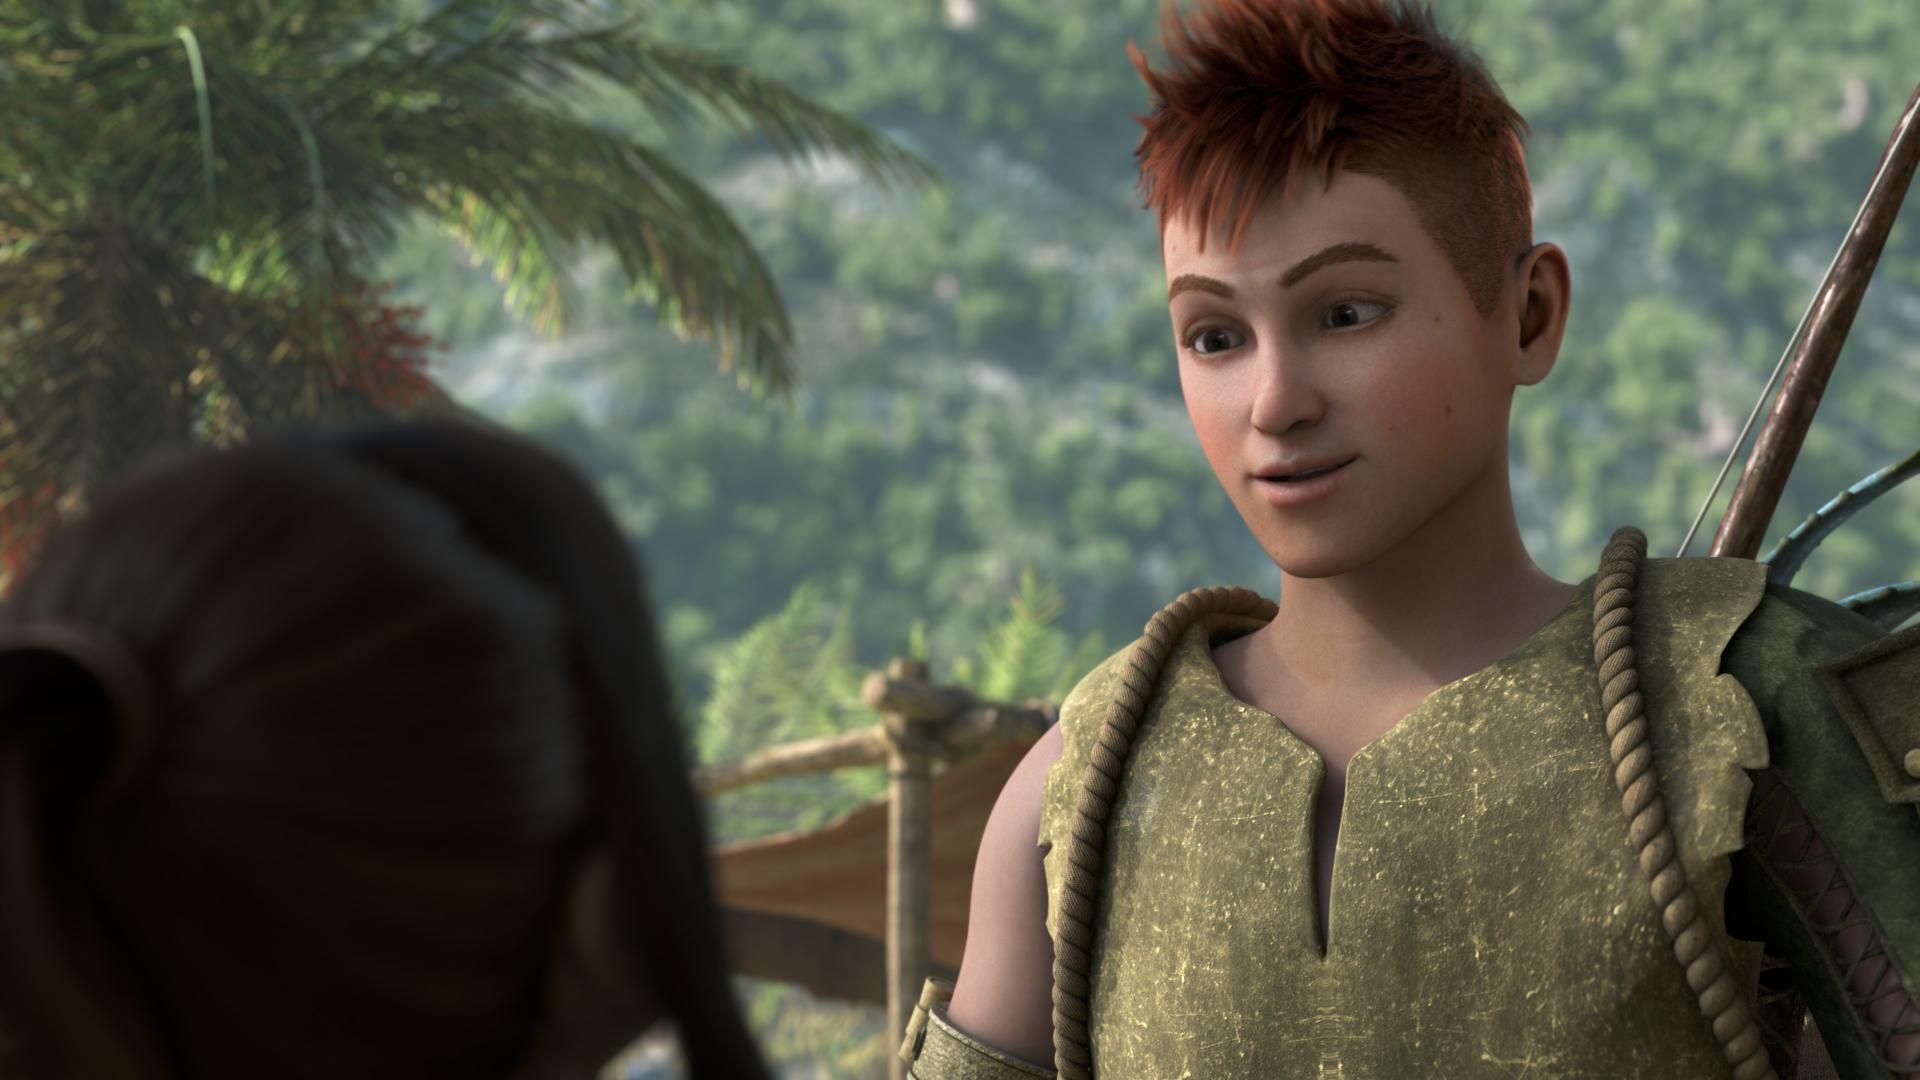 Aiden typický mladý hrdina – talentovaný, no príliš horlivý.